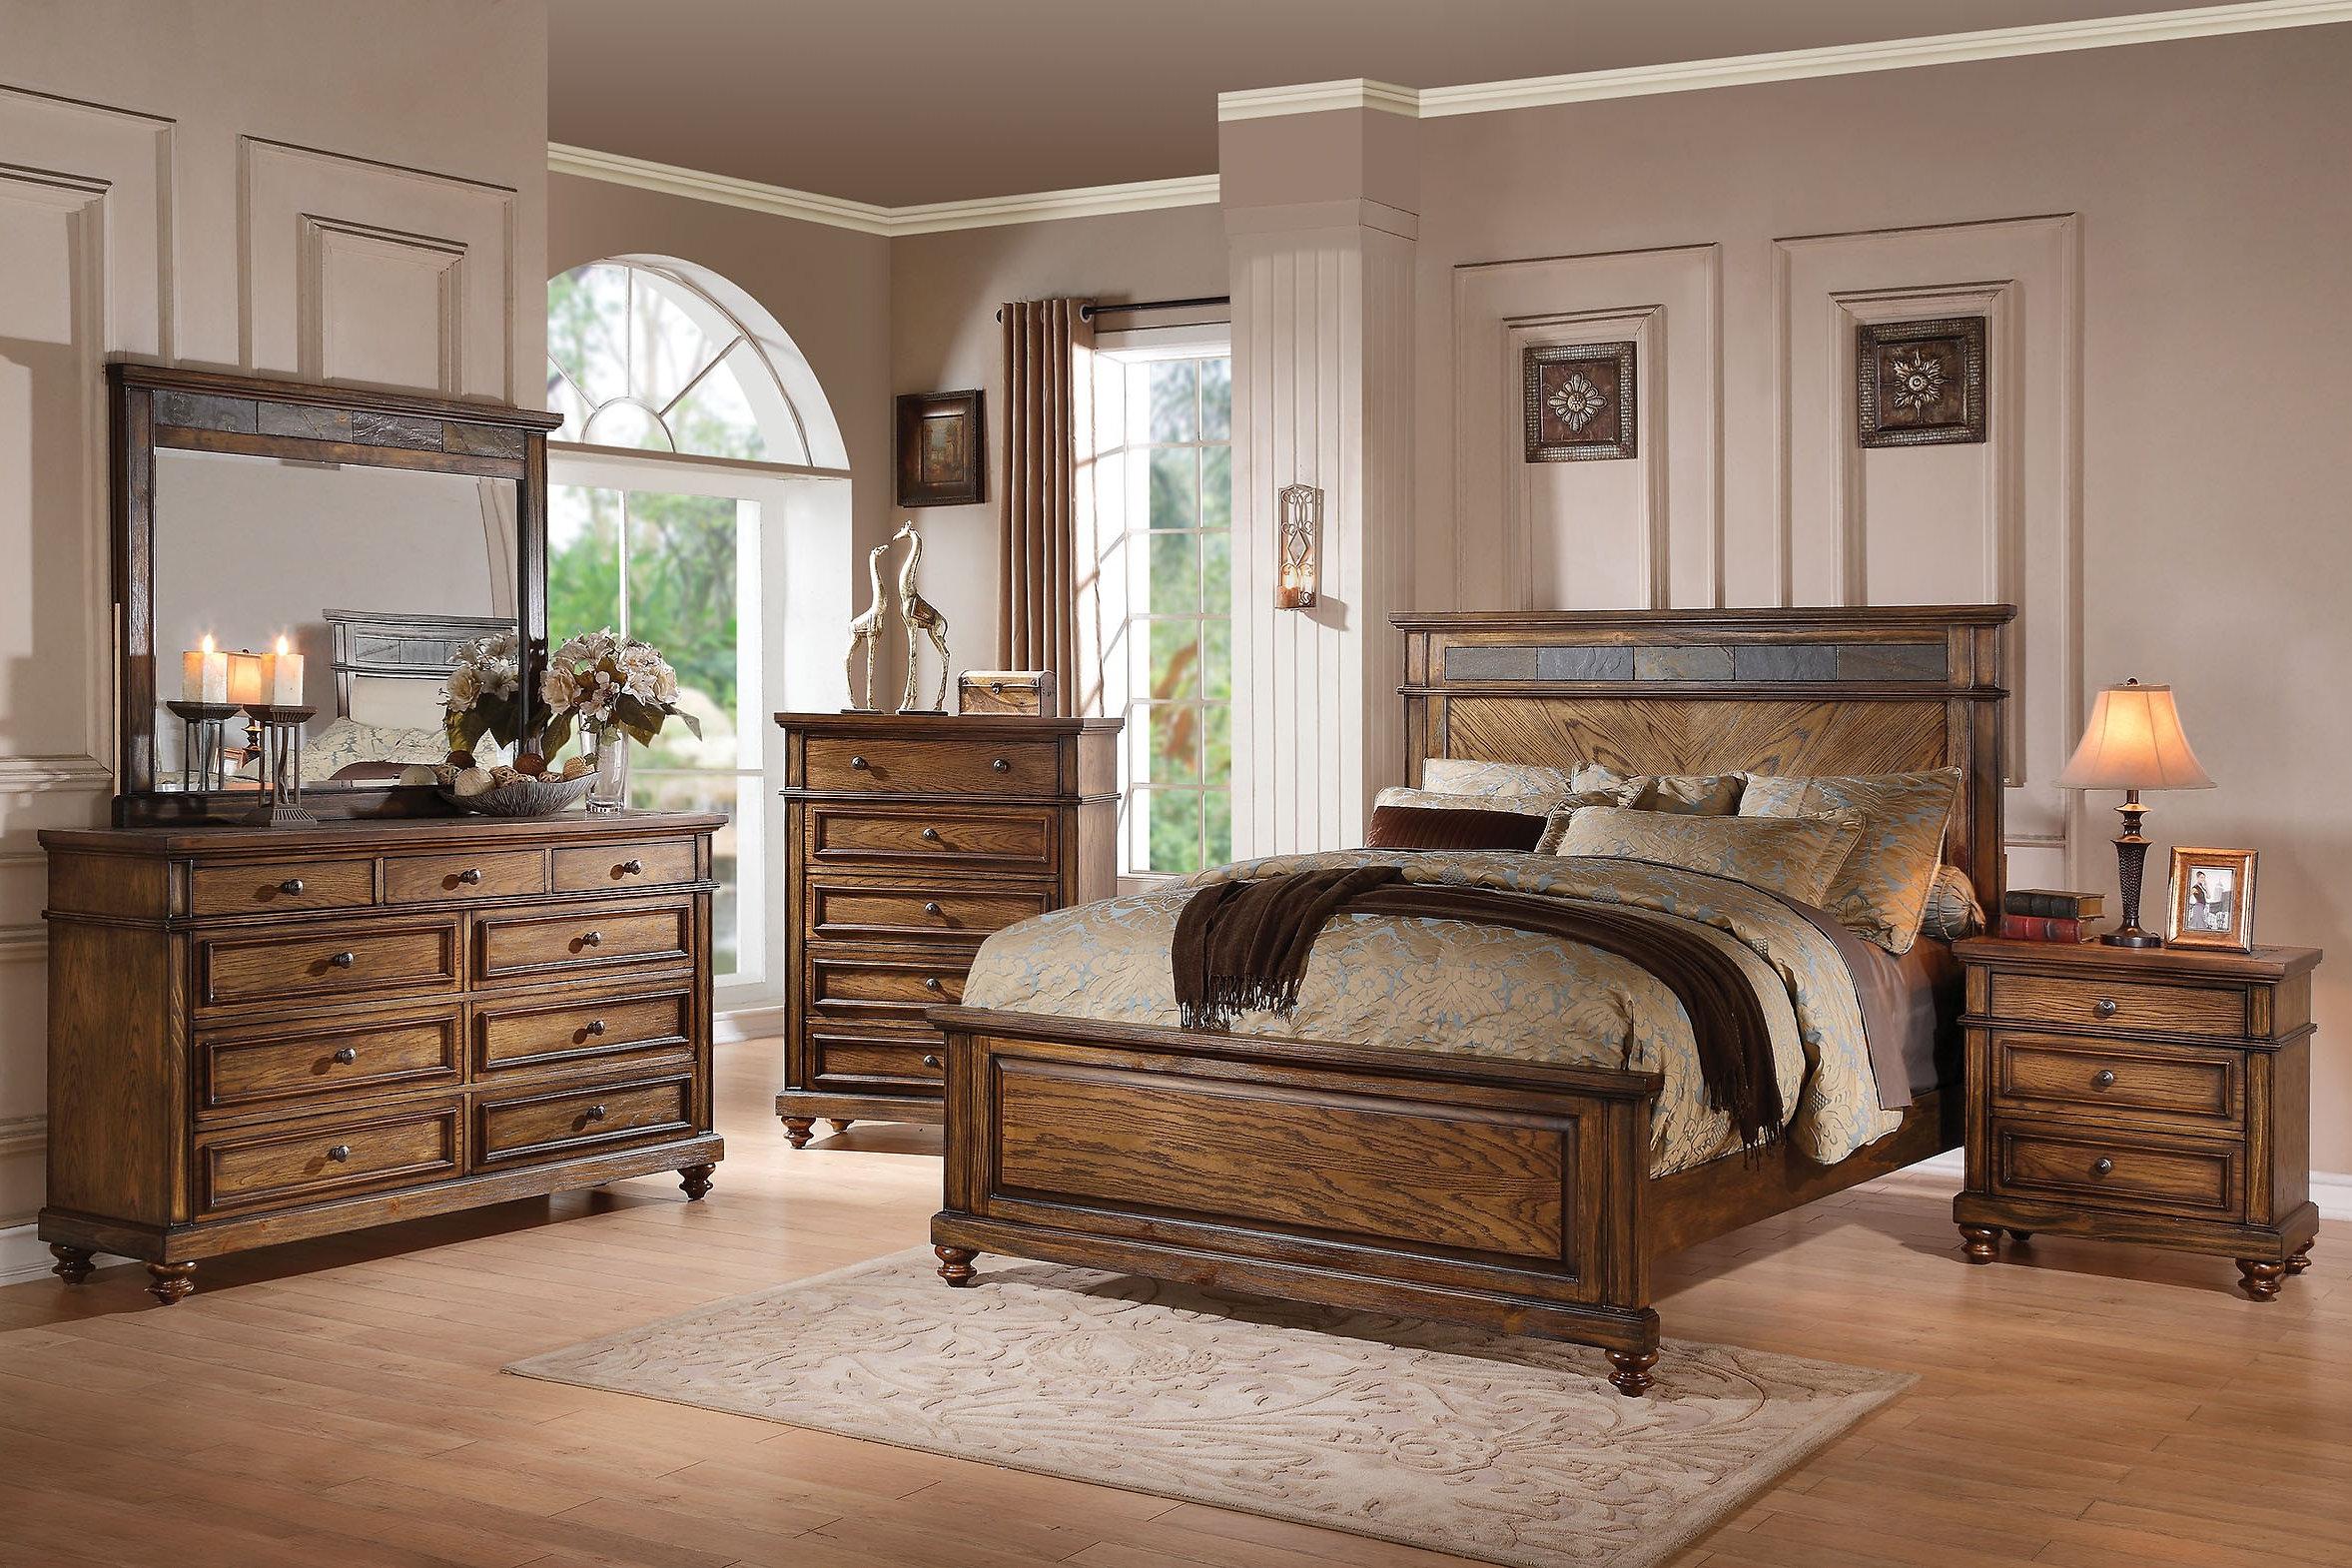 queen size bedroom suite. 4PC QUEEN SIZE BEDROOM SET navarrosfurniture